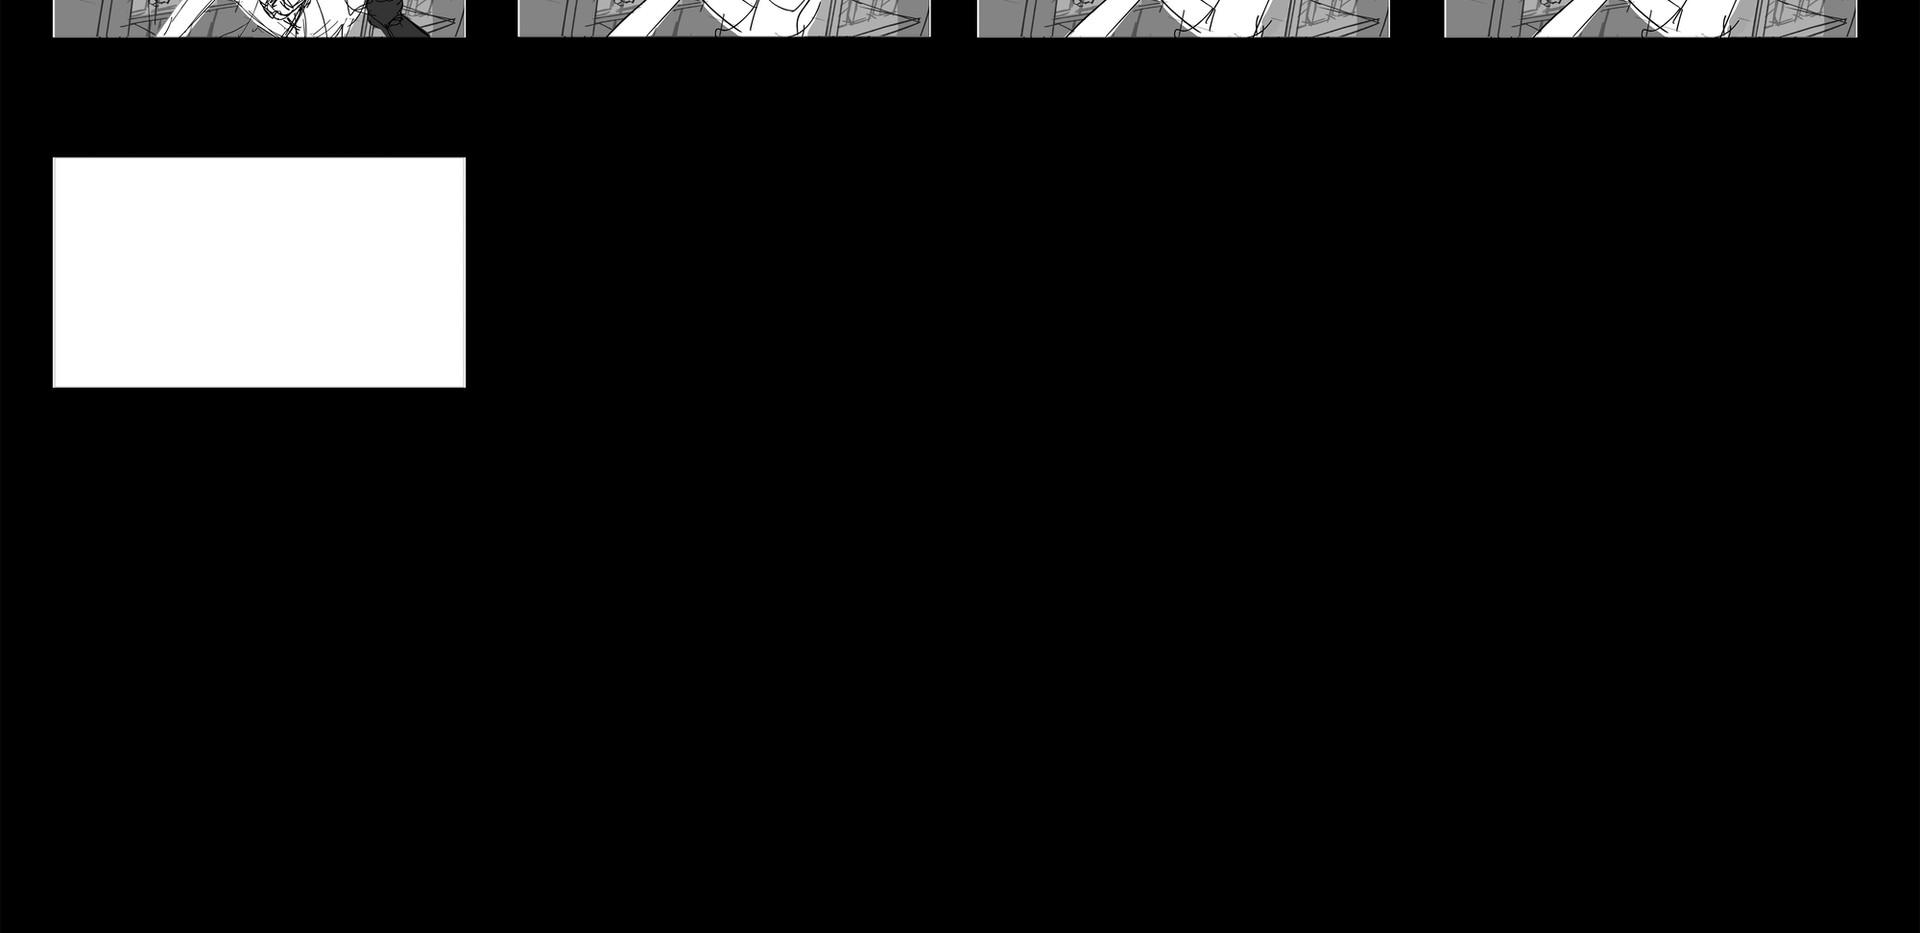 Hotspot_Storyboards_04.jpg